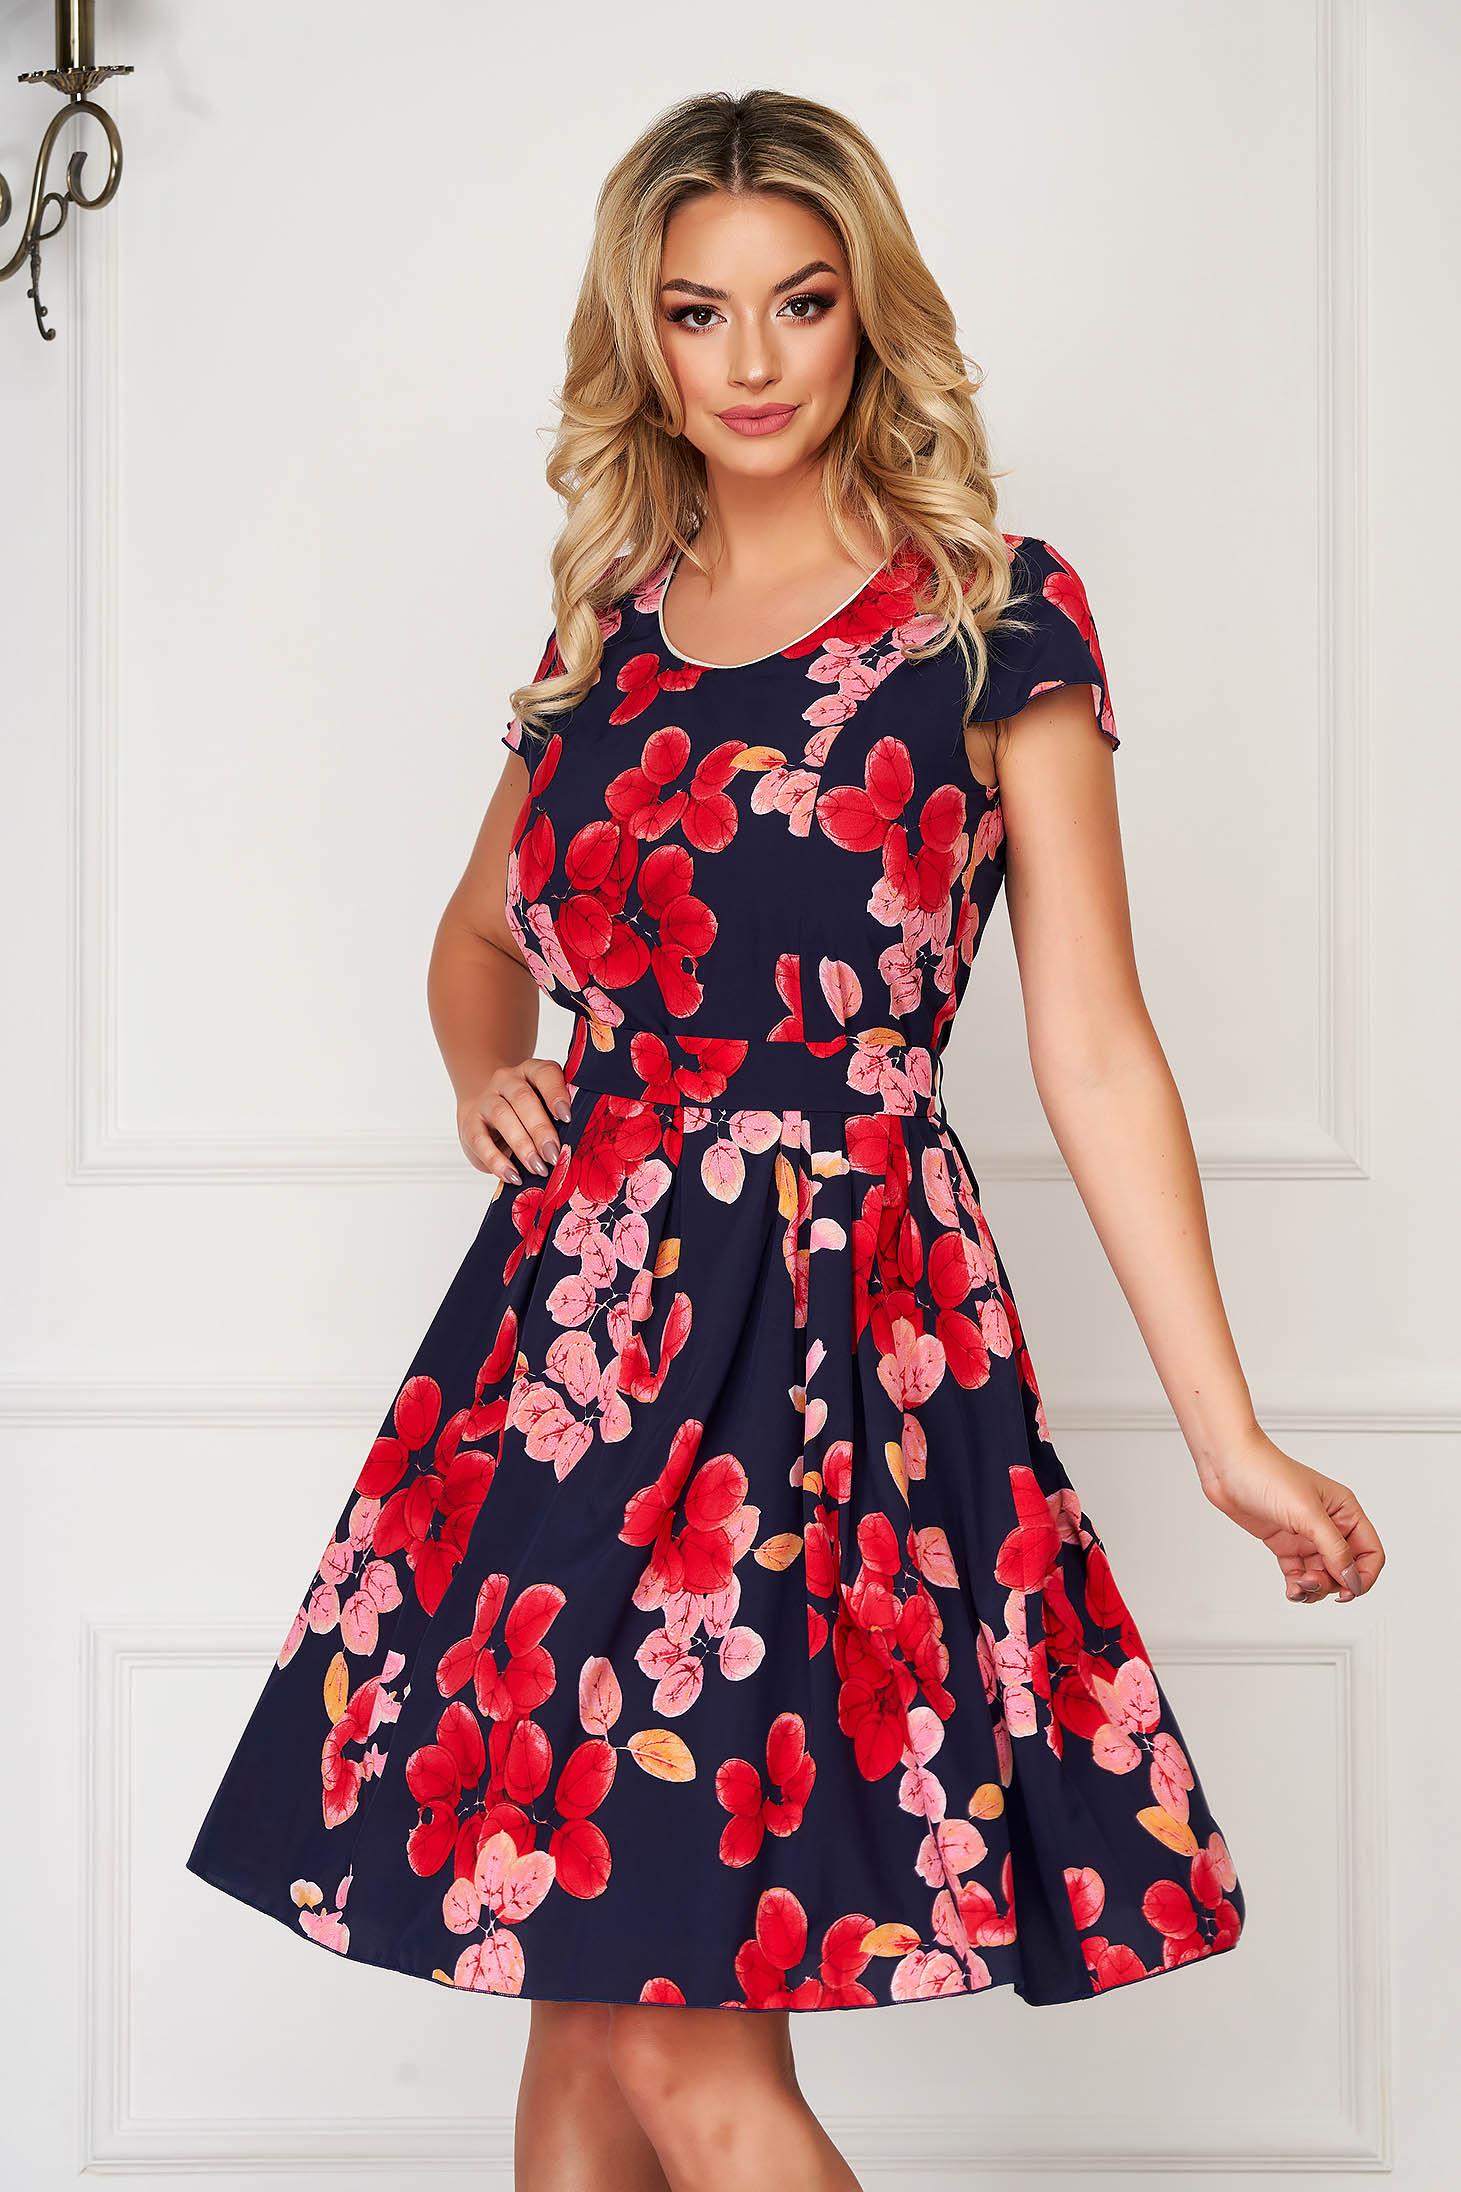 Piros elegáns hétköznapi harang ruha virágmintás rugalmatlan anyag övvel ellátva